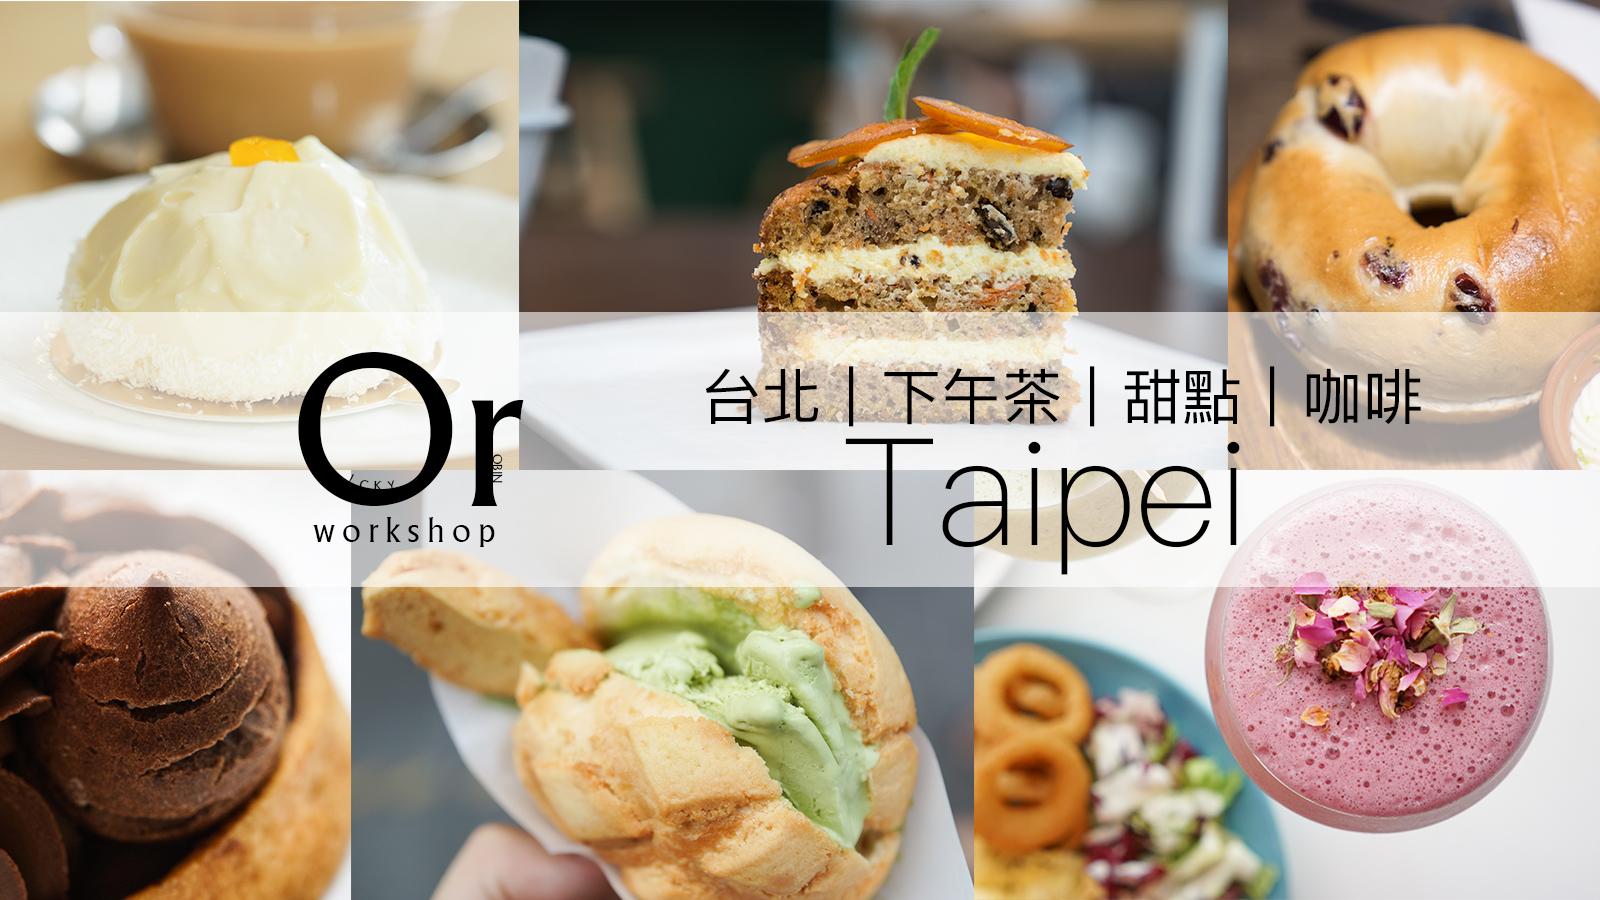 台北市下午茶/甜點/咖啡 懶人包總整理:收藏大台北超過30間 (2018.07.04 最新)